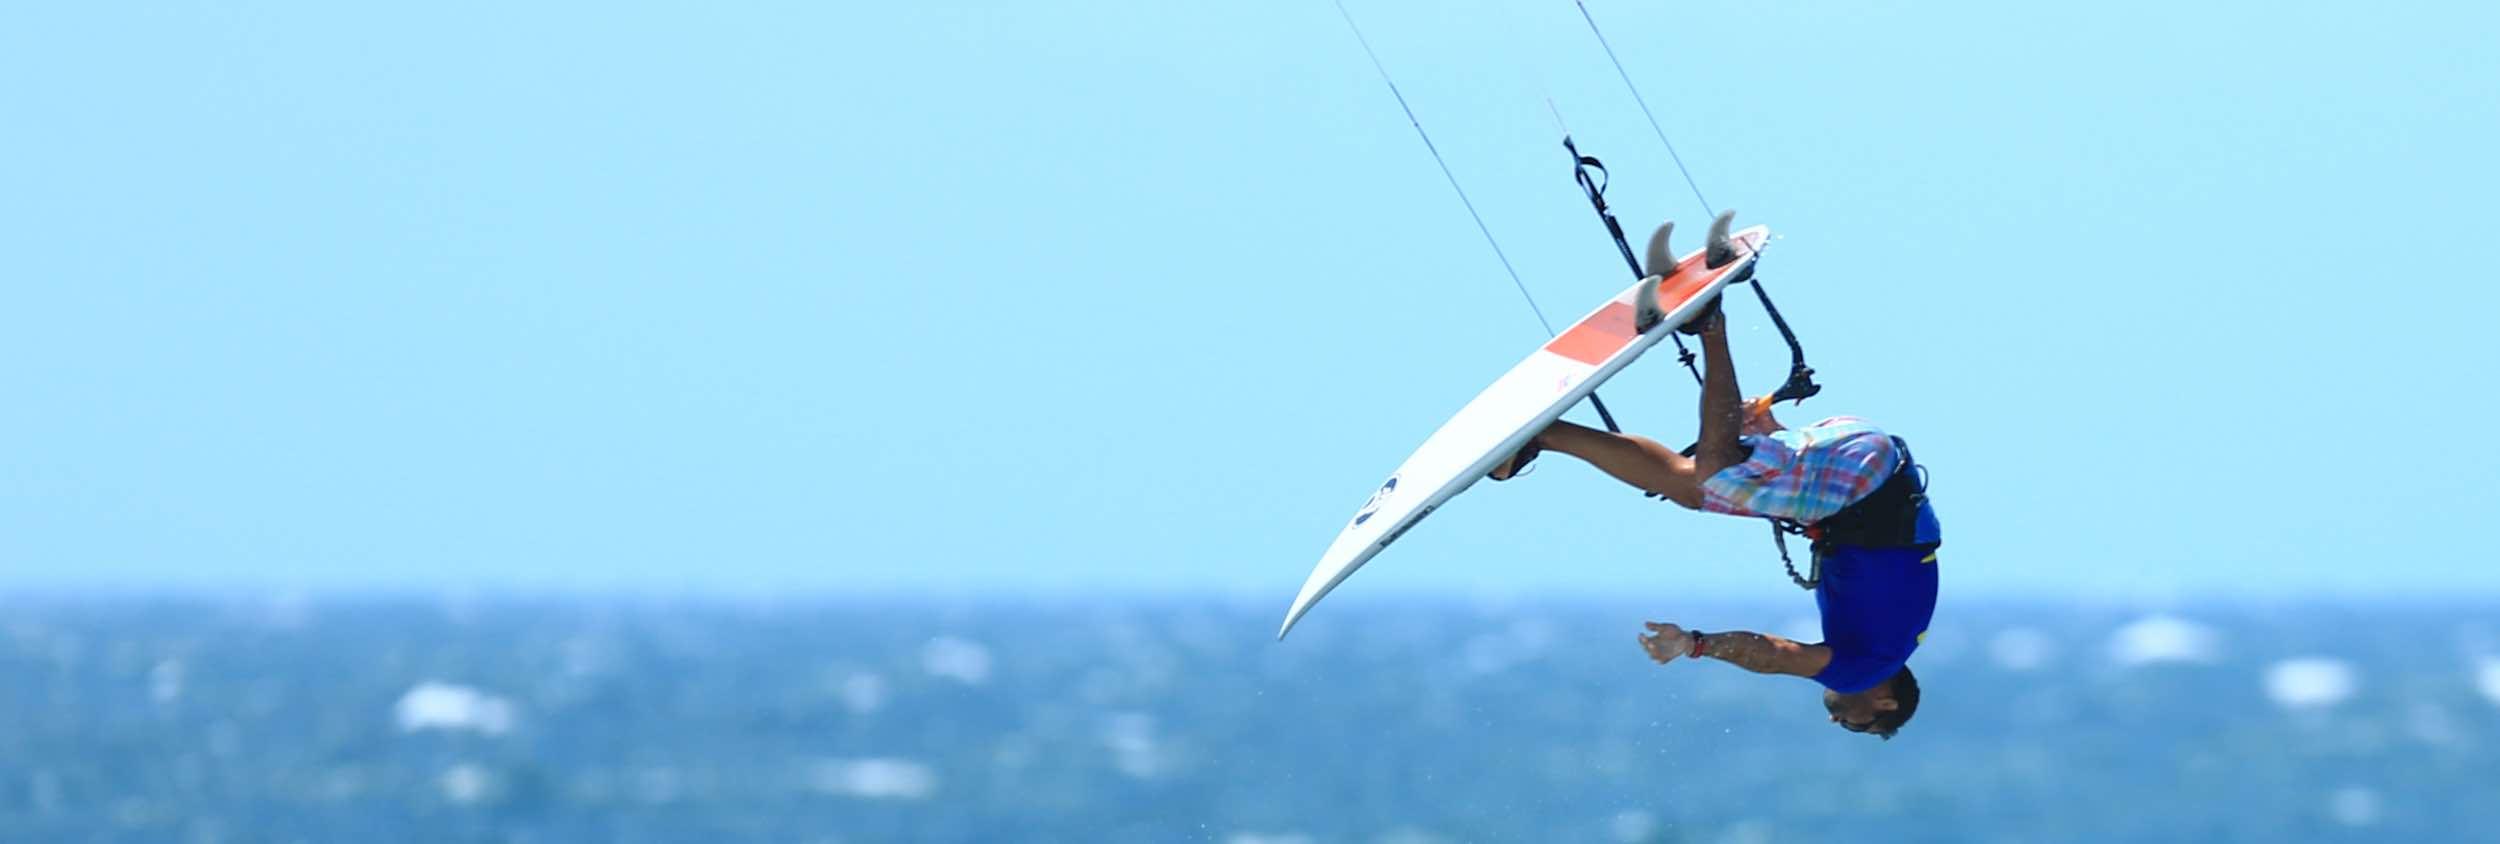 Prea kitesurfing Brazil